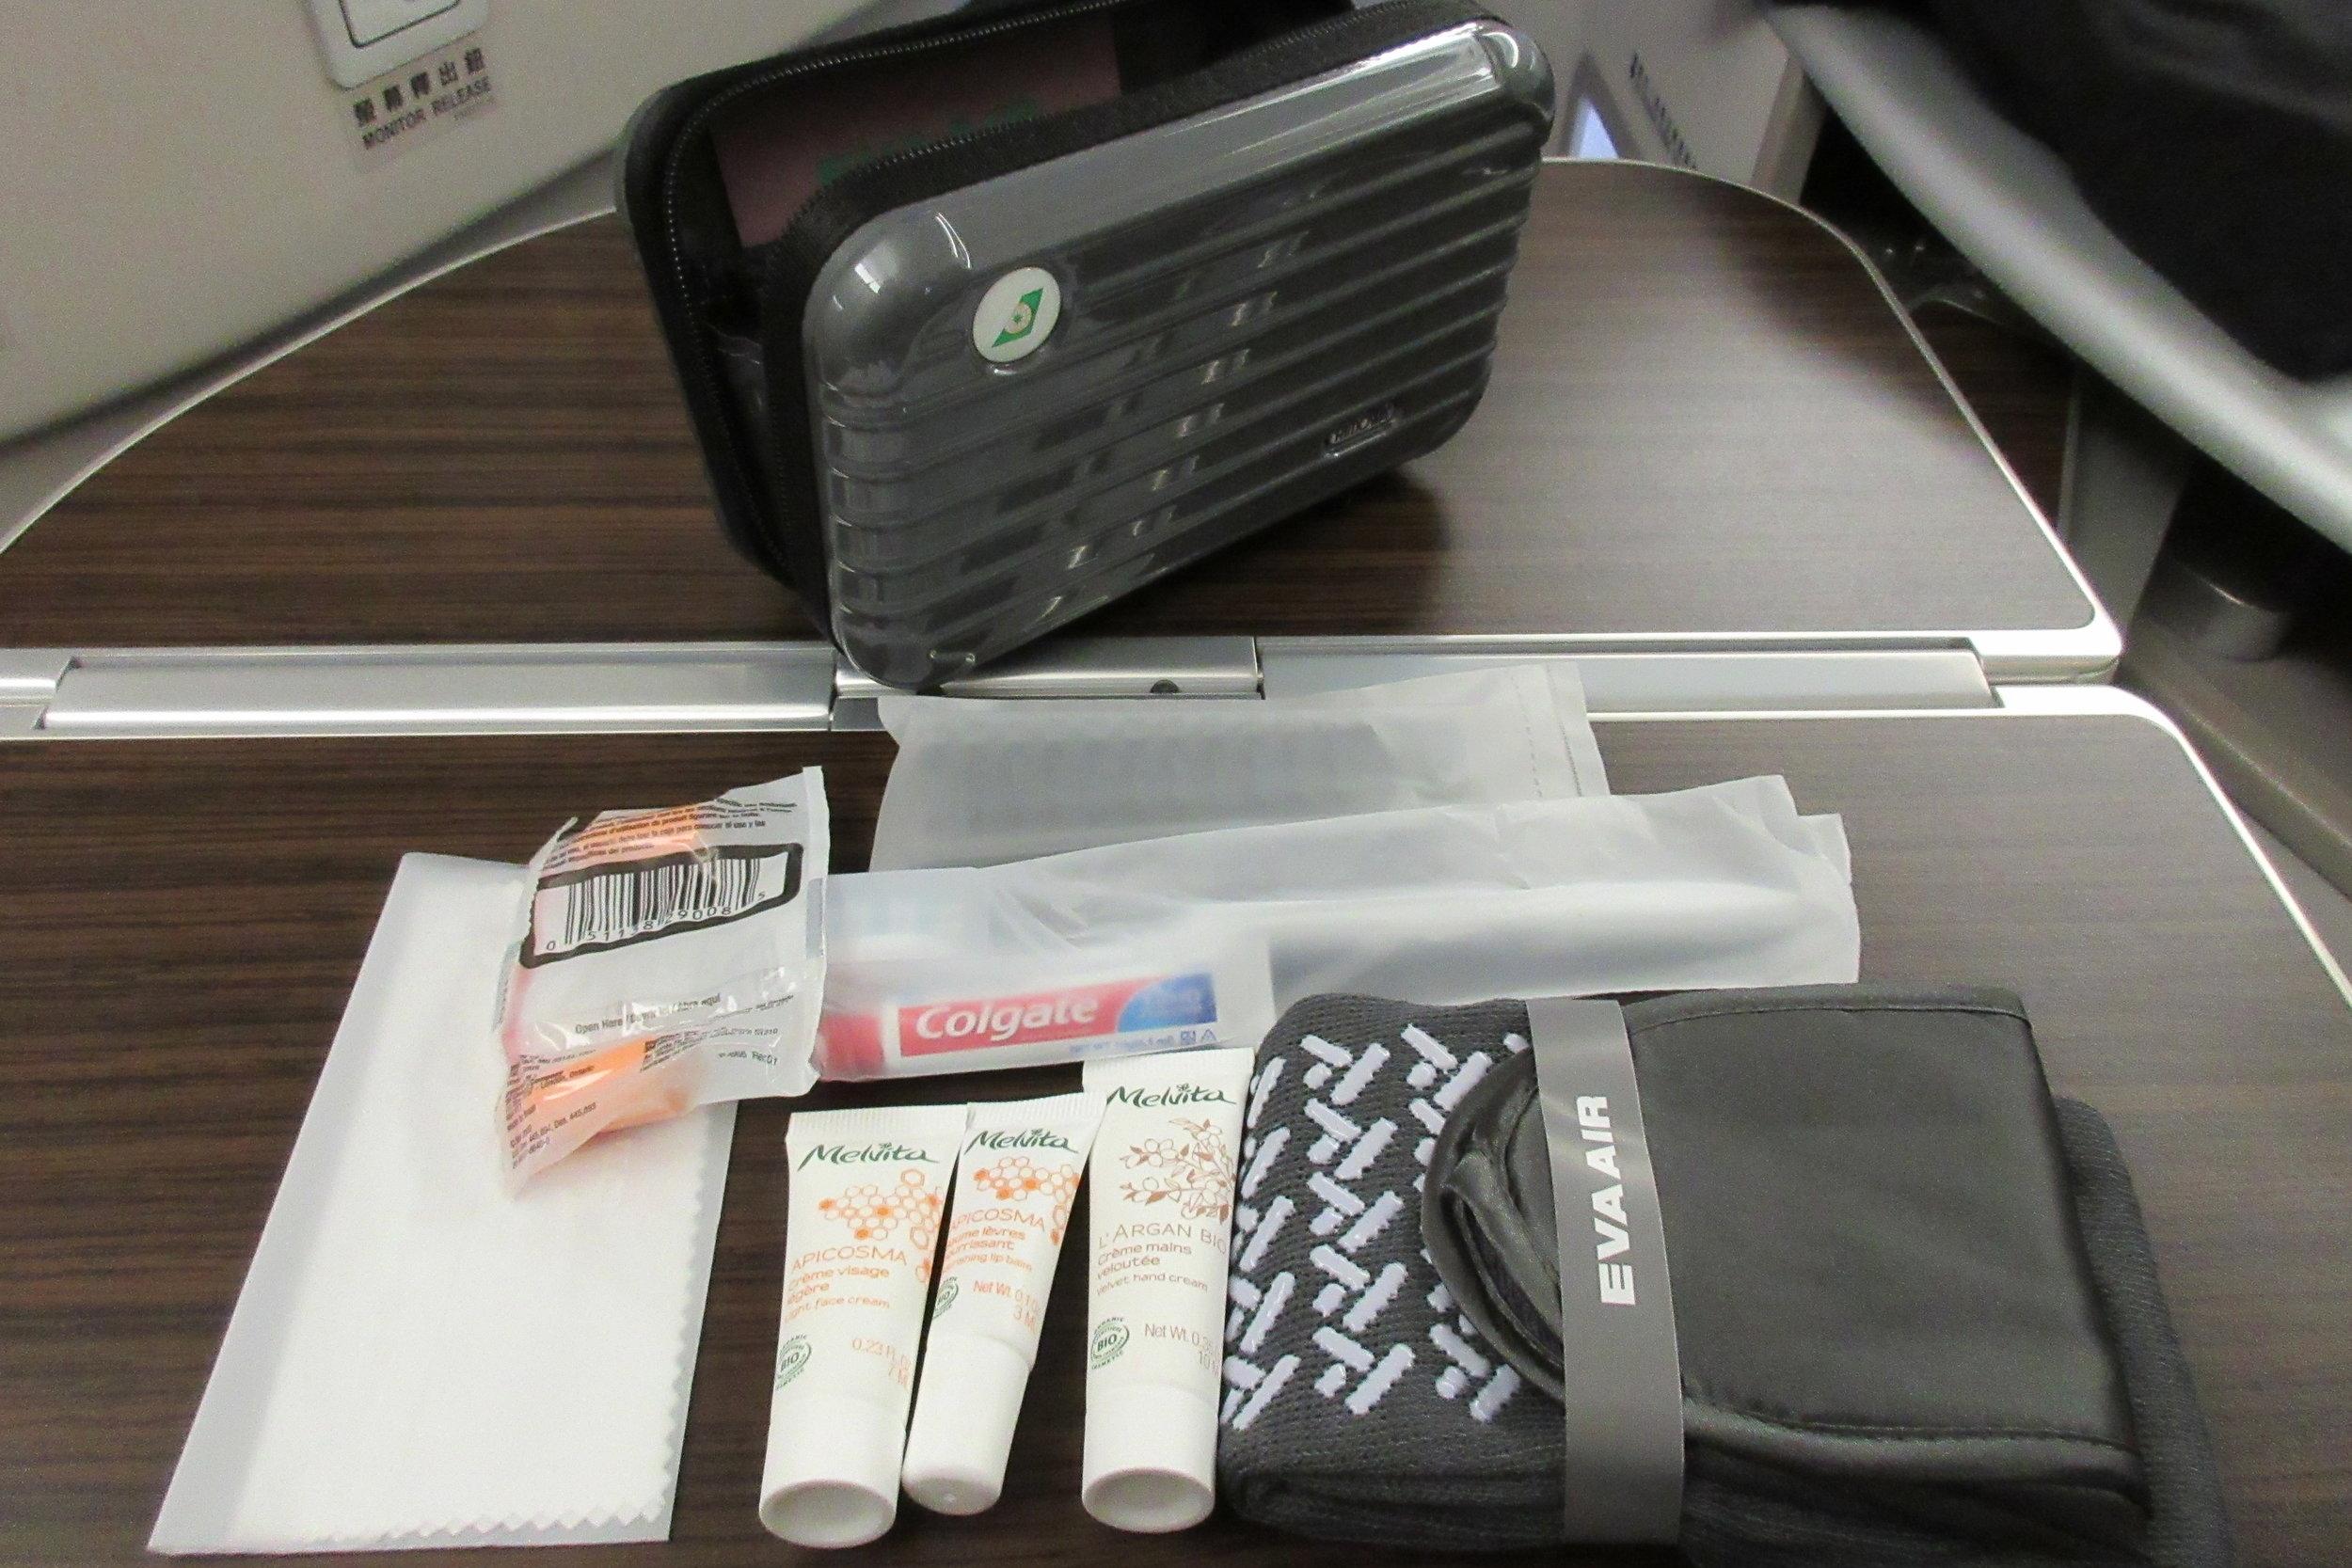 EVA Air business class Toronto to Taipei – Rimowa amenity kit